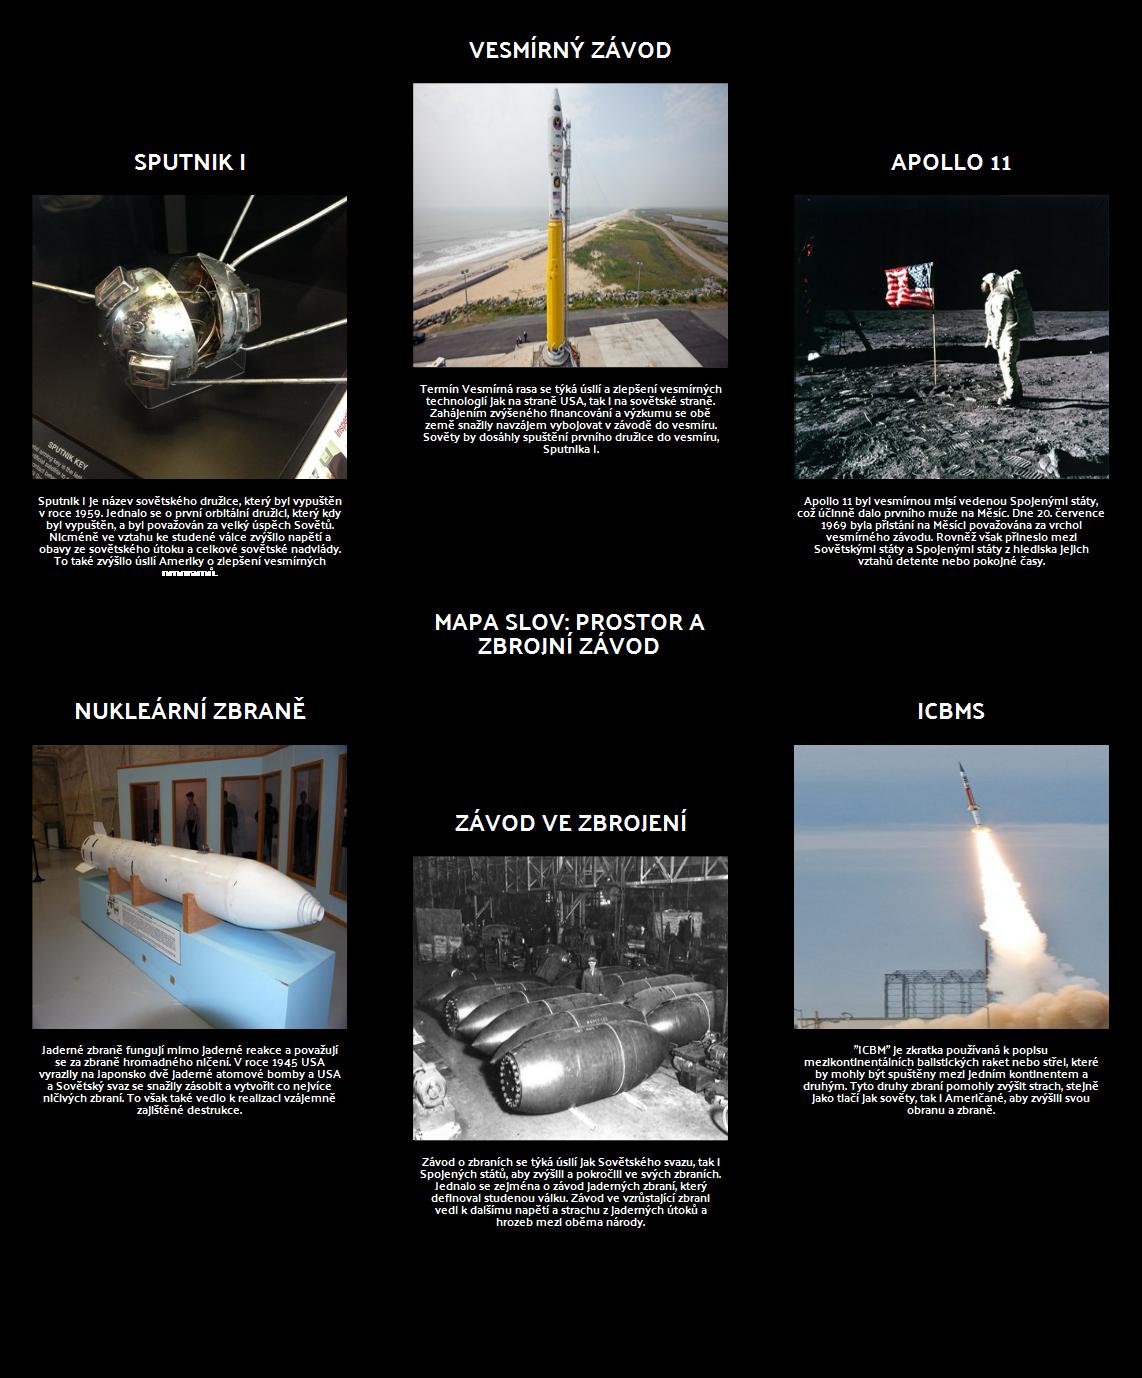 Válečné Podmínky Studené - The Space Race a Race Arms